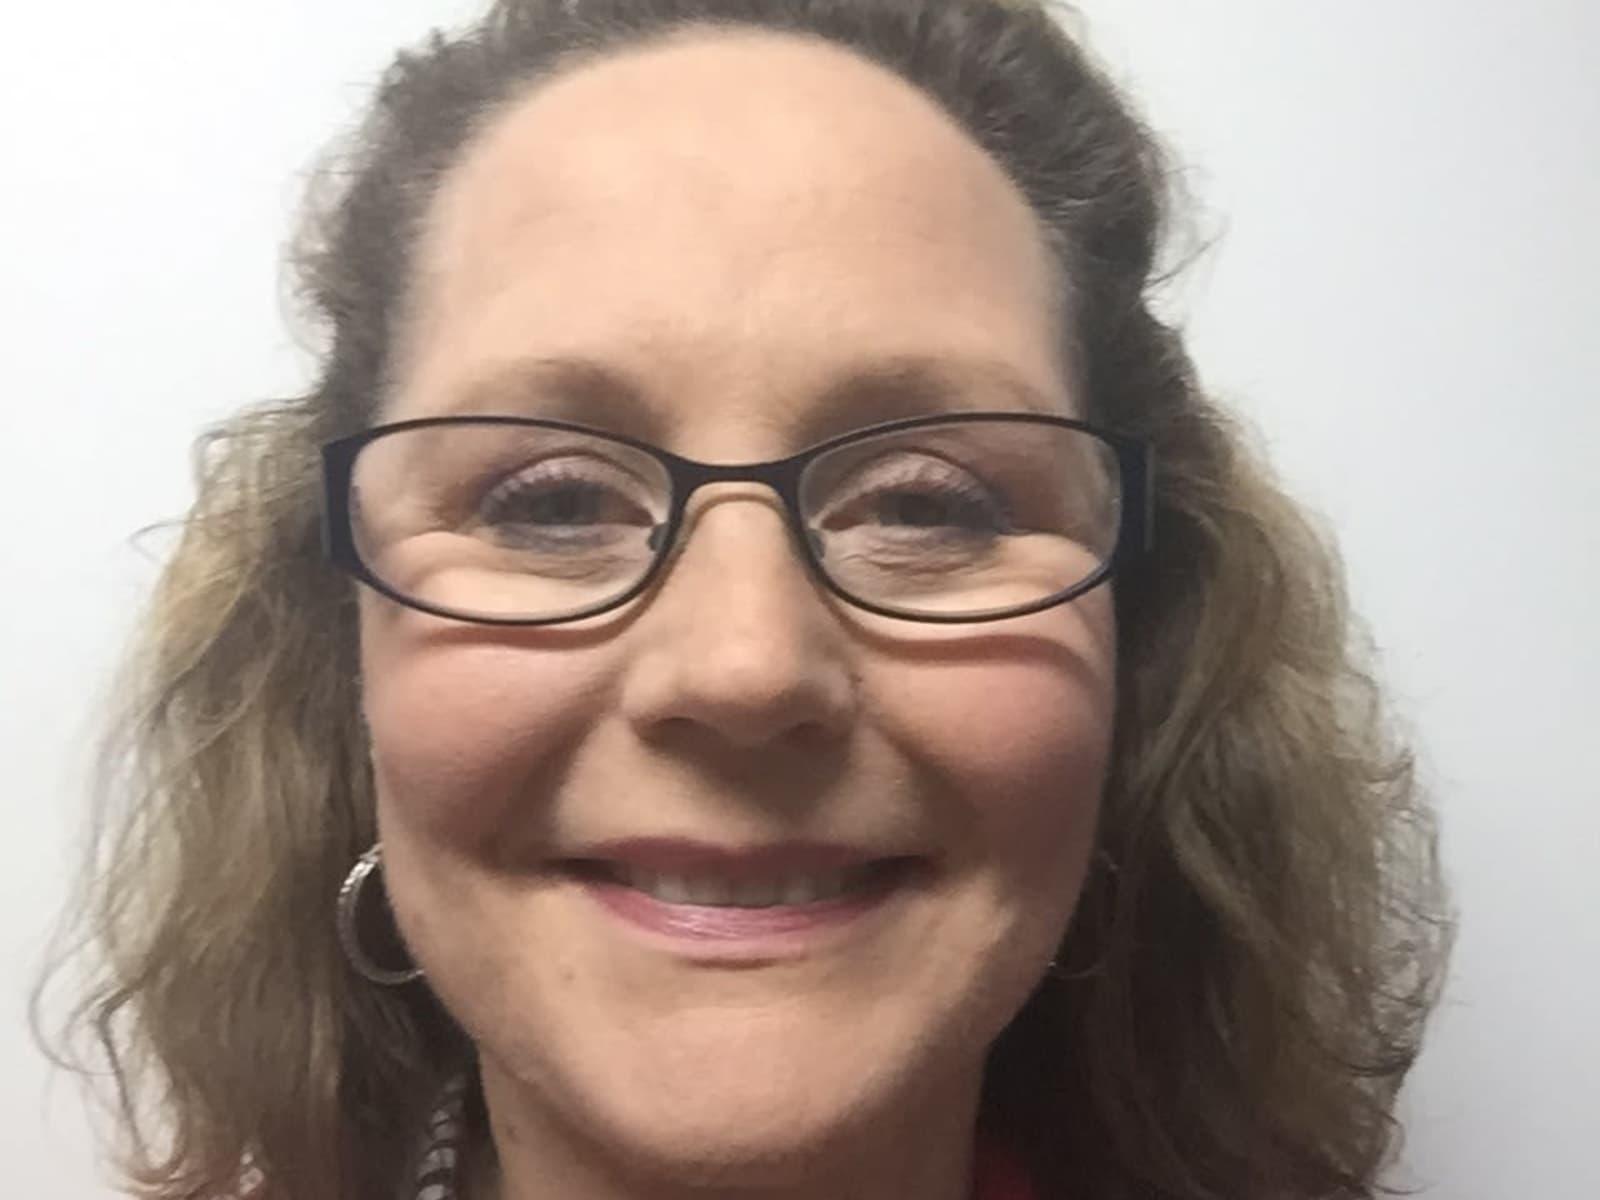 Anne from Maroochydore, Queensland, Australia